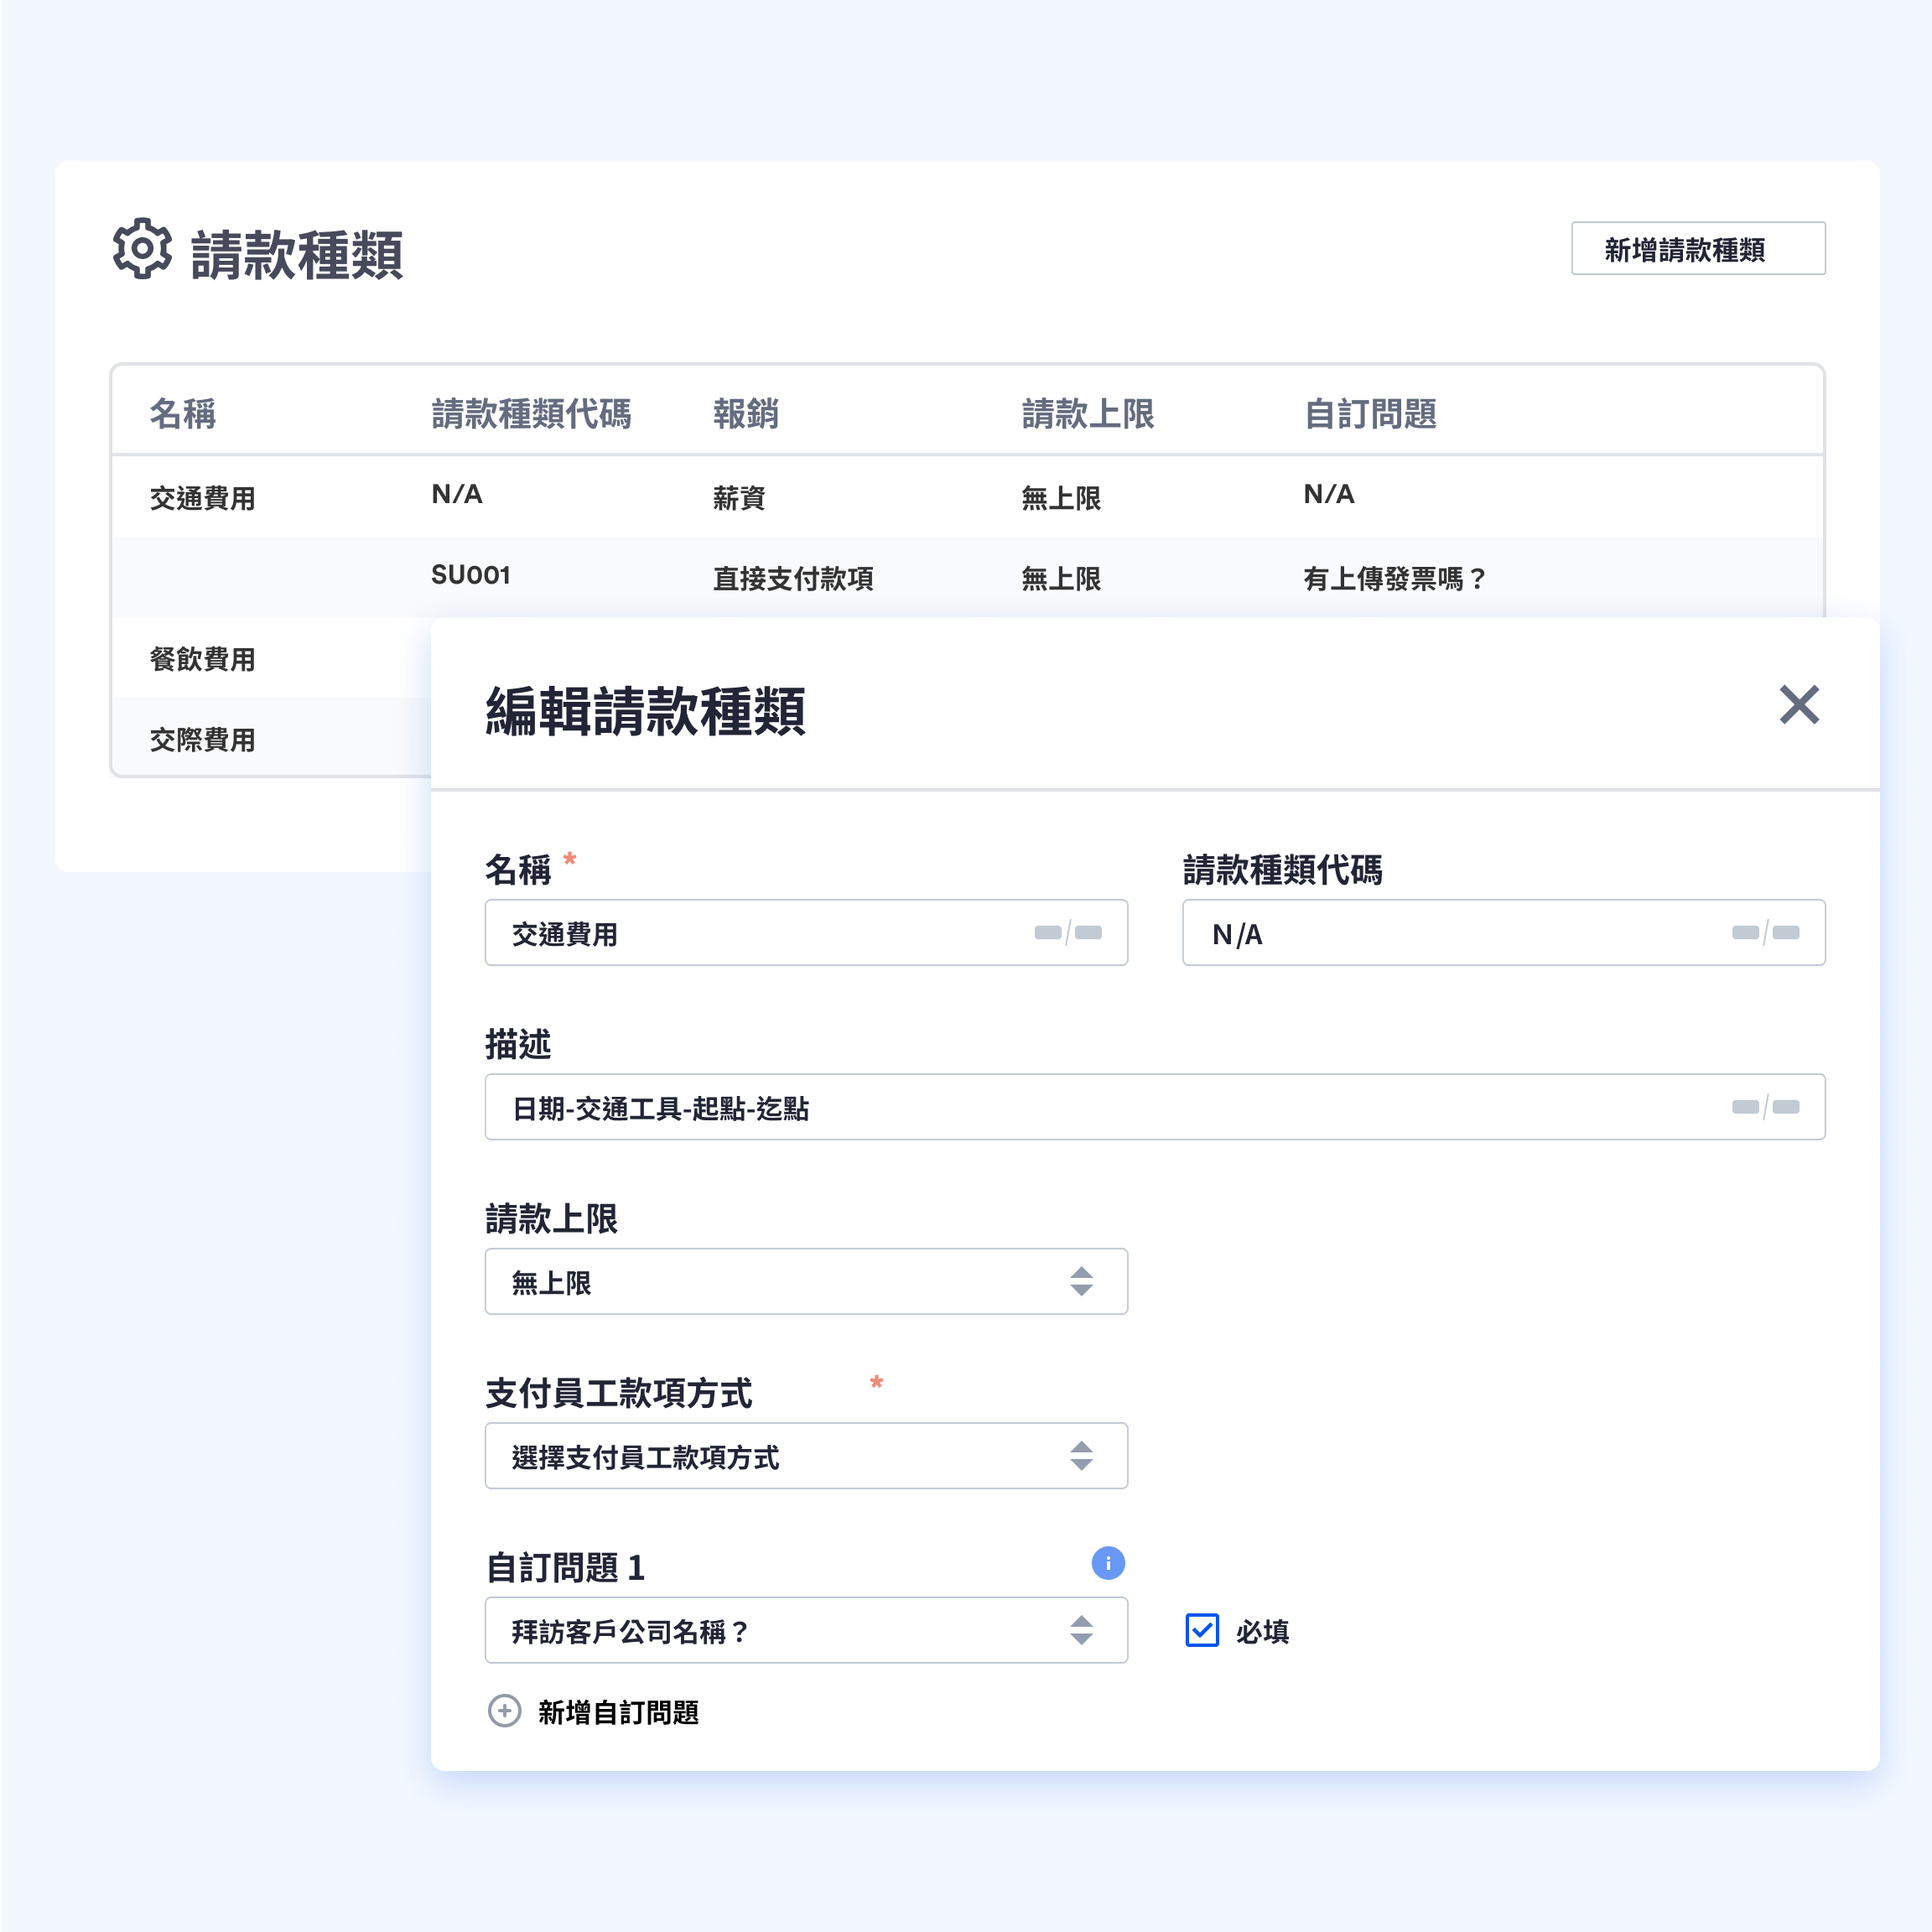 Swingvy雲端人資系統的請款功能,讓你能夠自訂請款規則,更能自訂請款核准人。